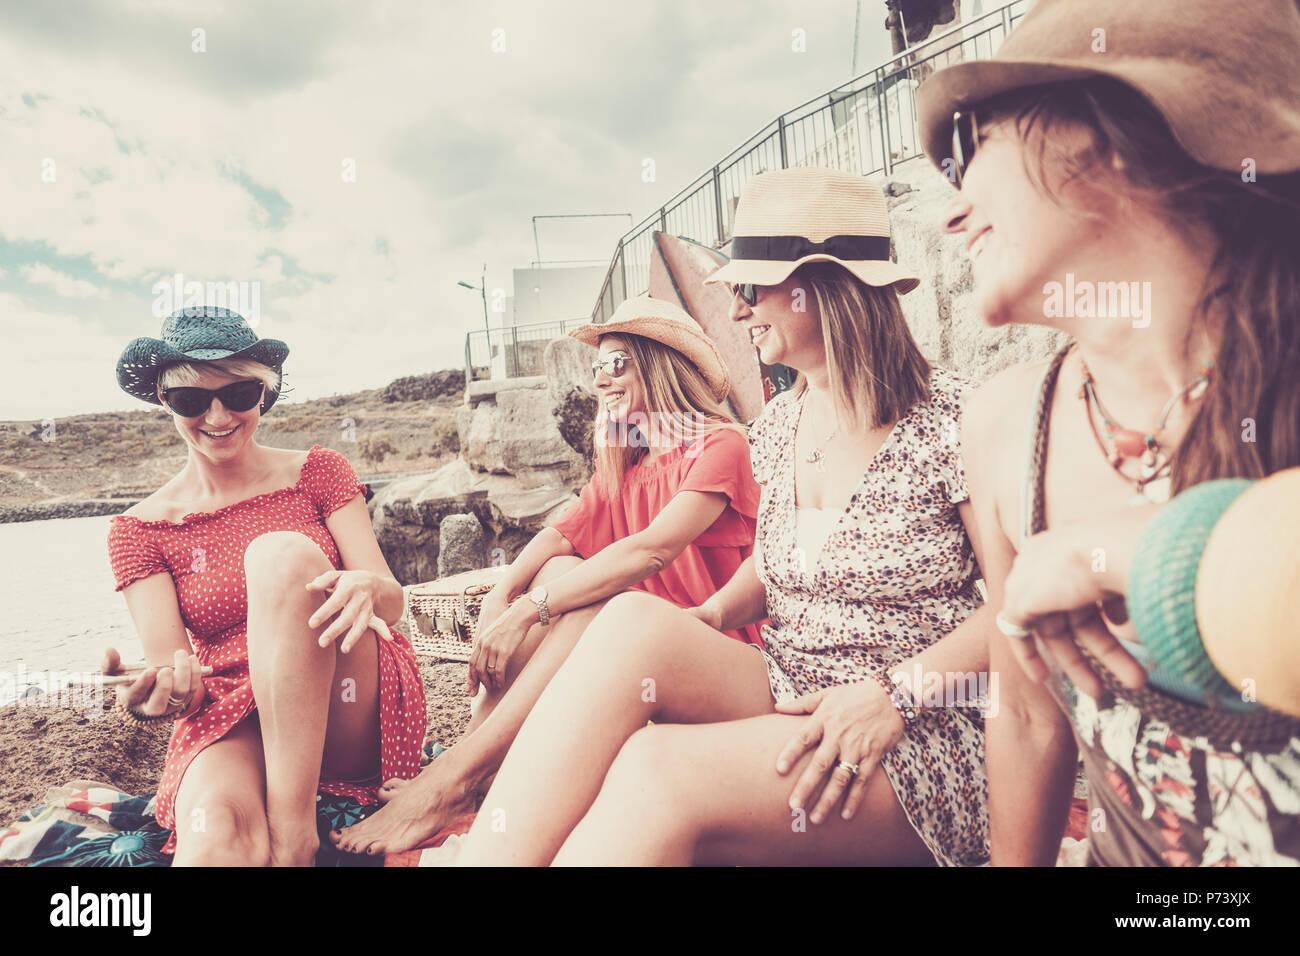 Vintage Style für die Gruppe der Frauen Menschen bleiben in Freundschaft auf Ferien in der Nähe der Strand im Sommer Freizeitaktivitäten activiy. lächelt und lacht für IMS Stockbild